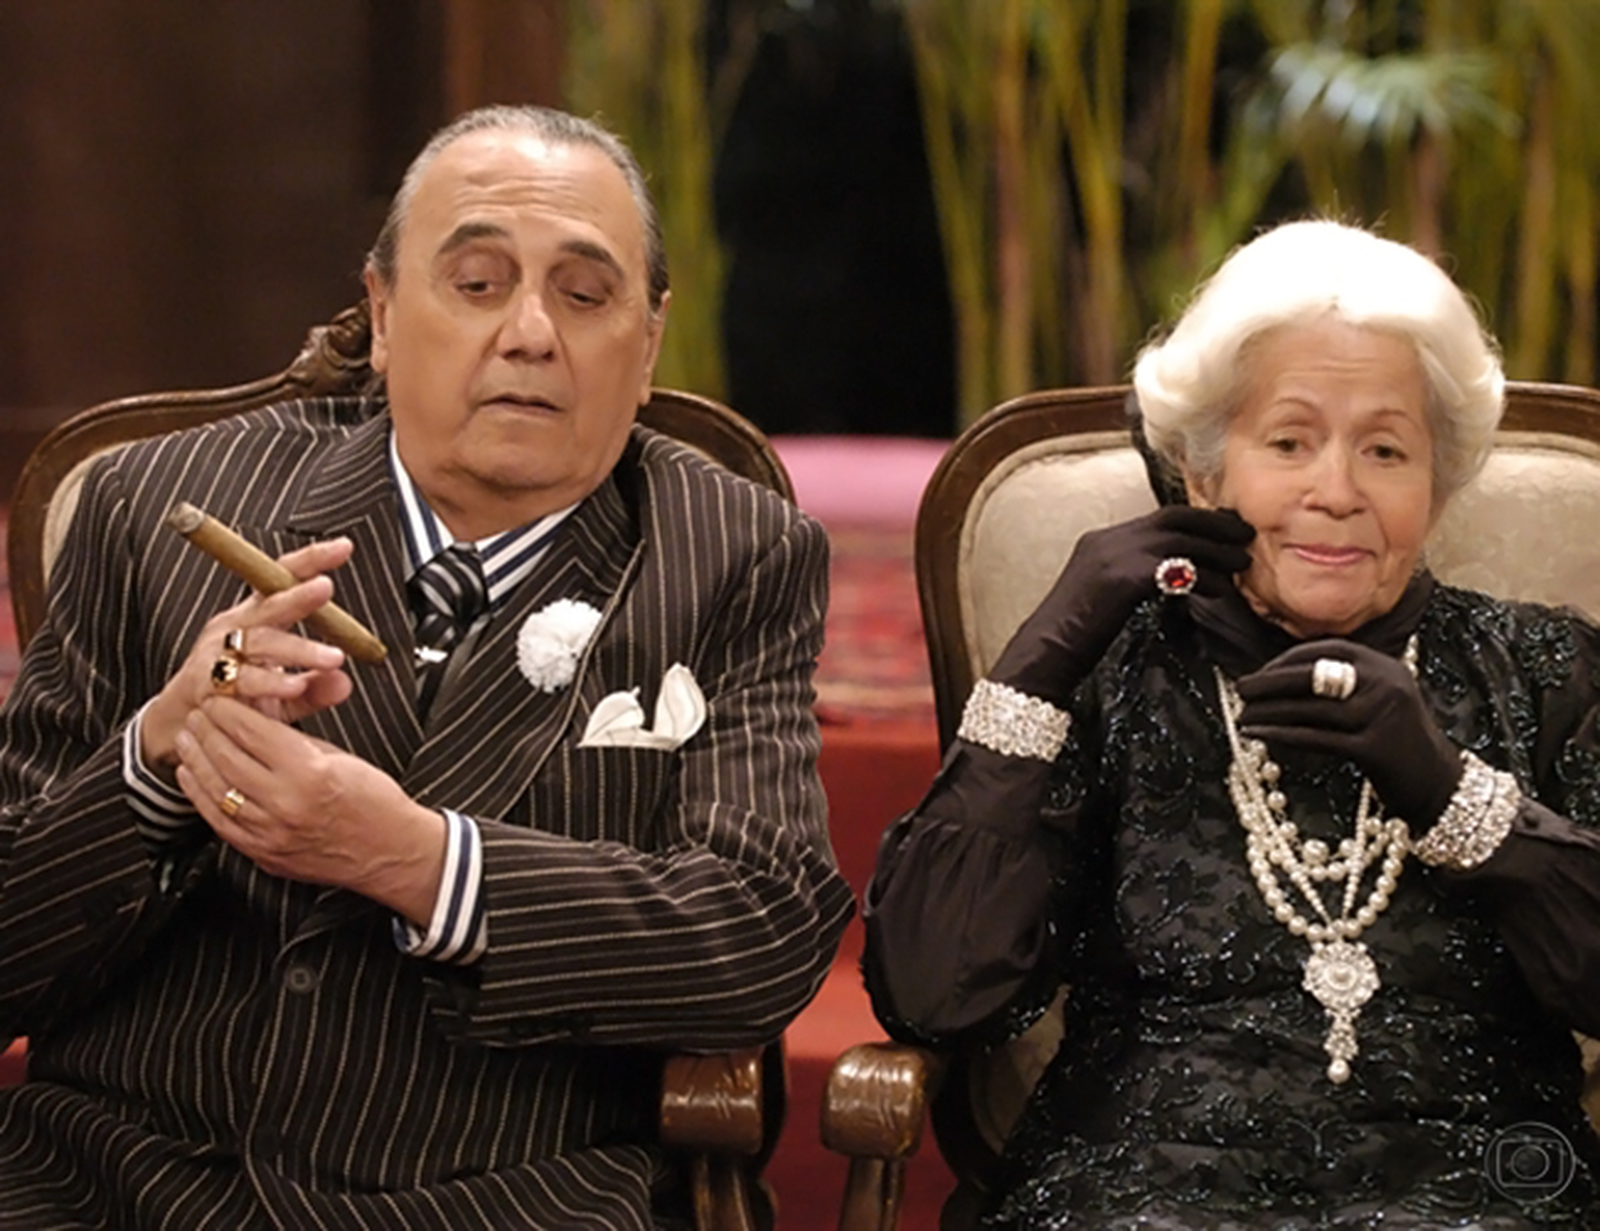 Morre o humorista da TV Globo Agildo Ribeiro aos 86 anos